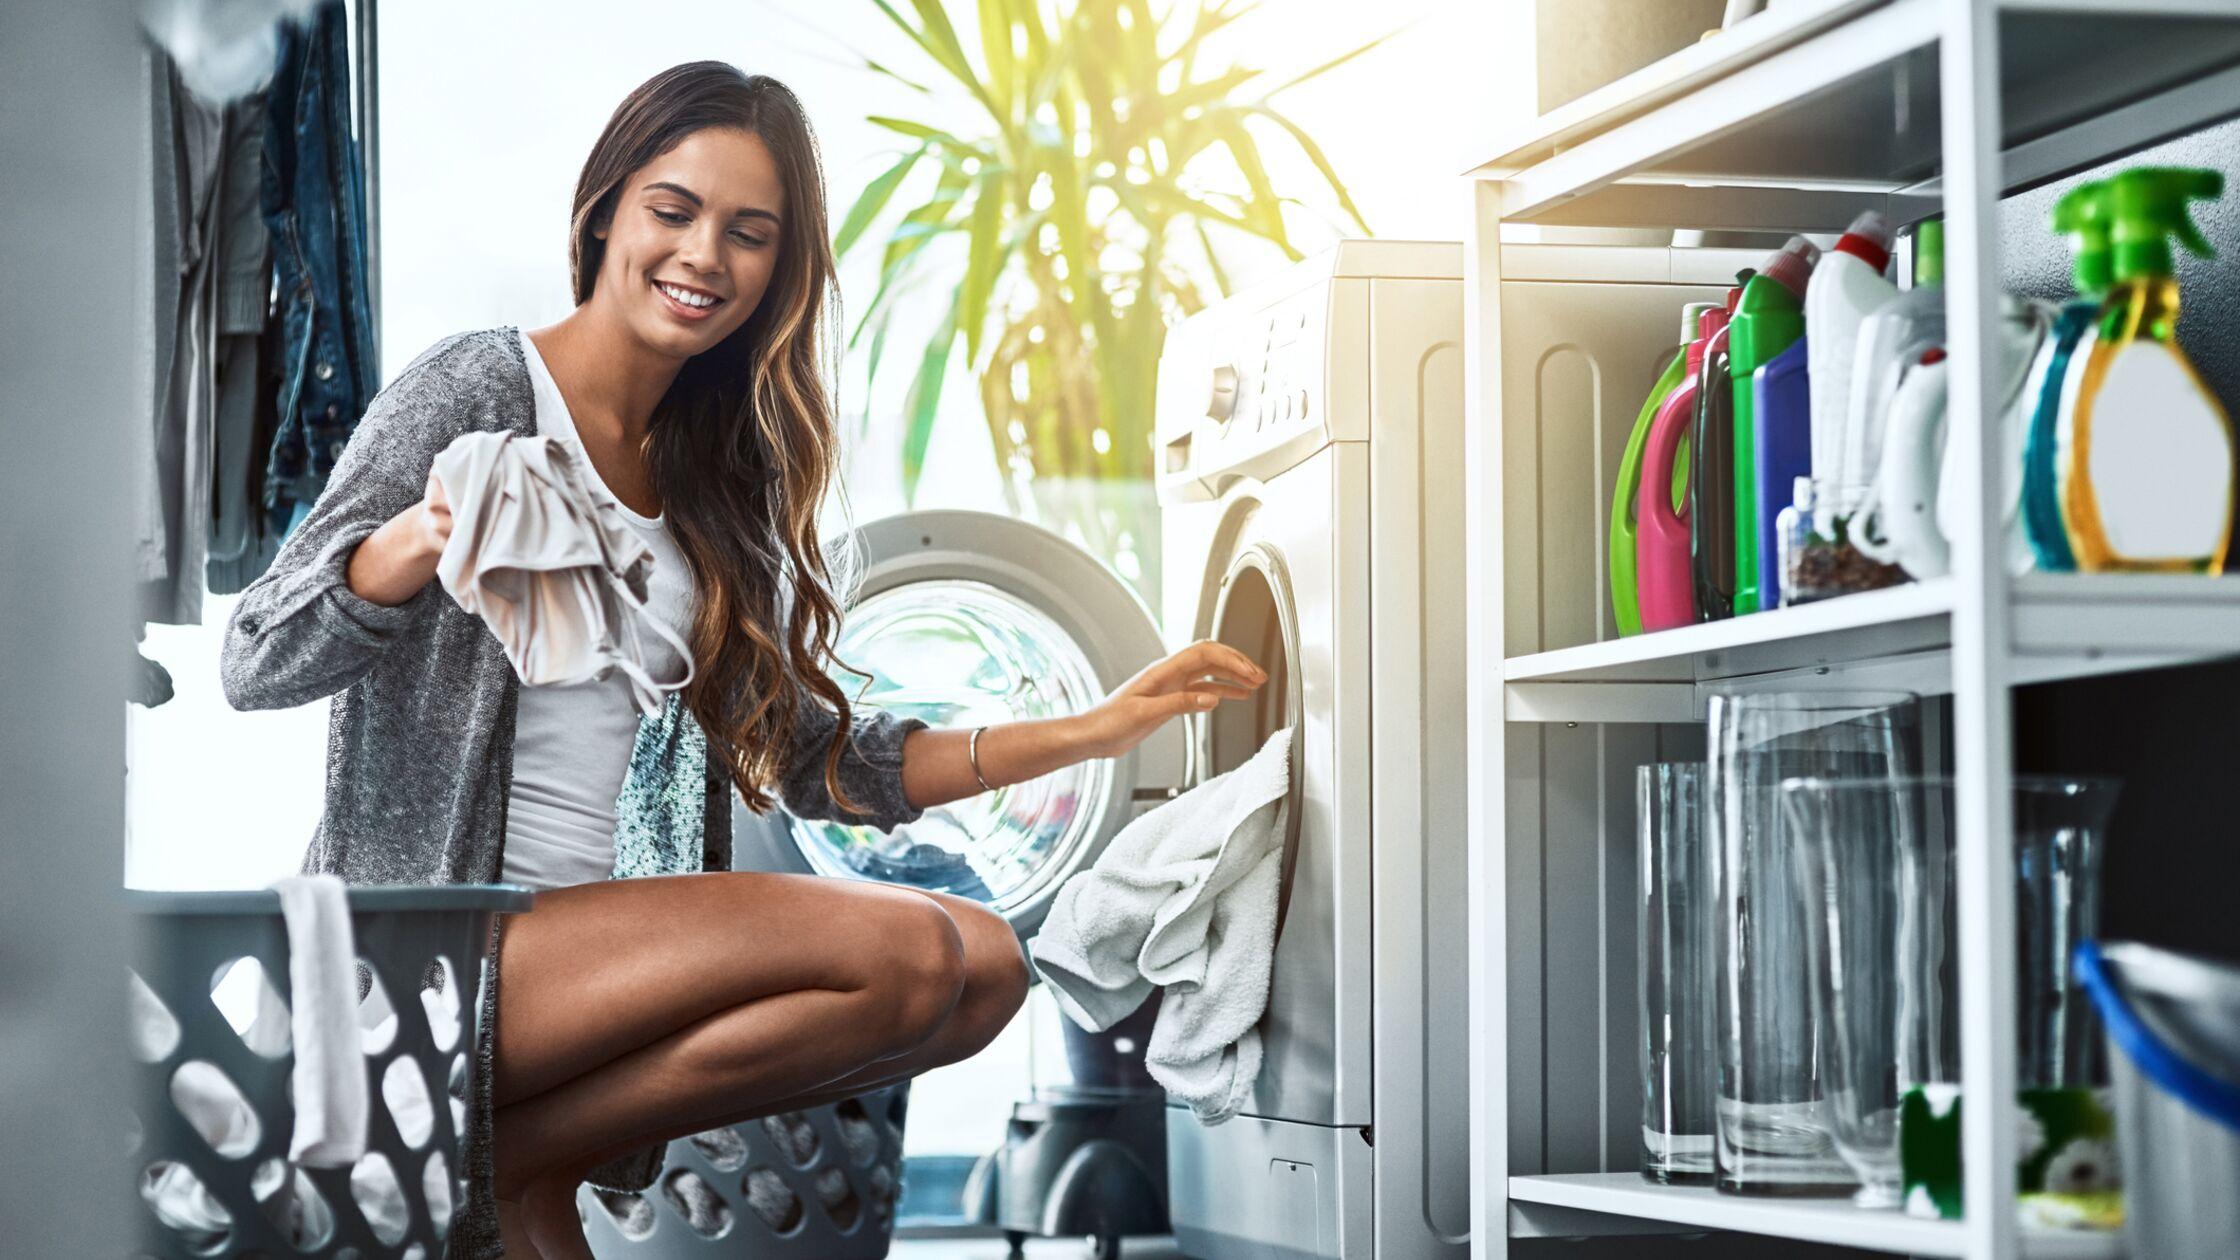 Junge Frau wäscht Wäsche in ihrer neuen Wohnung